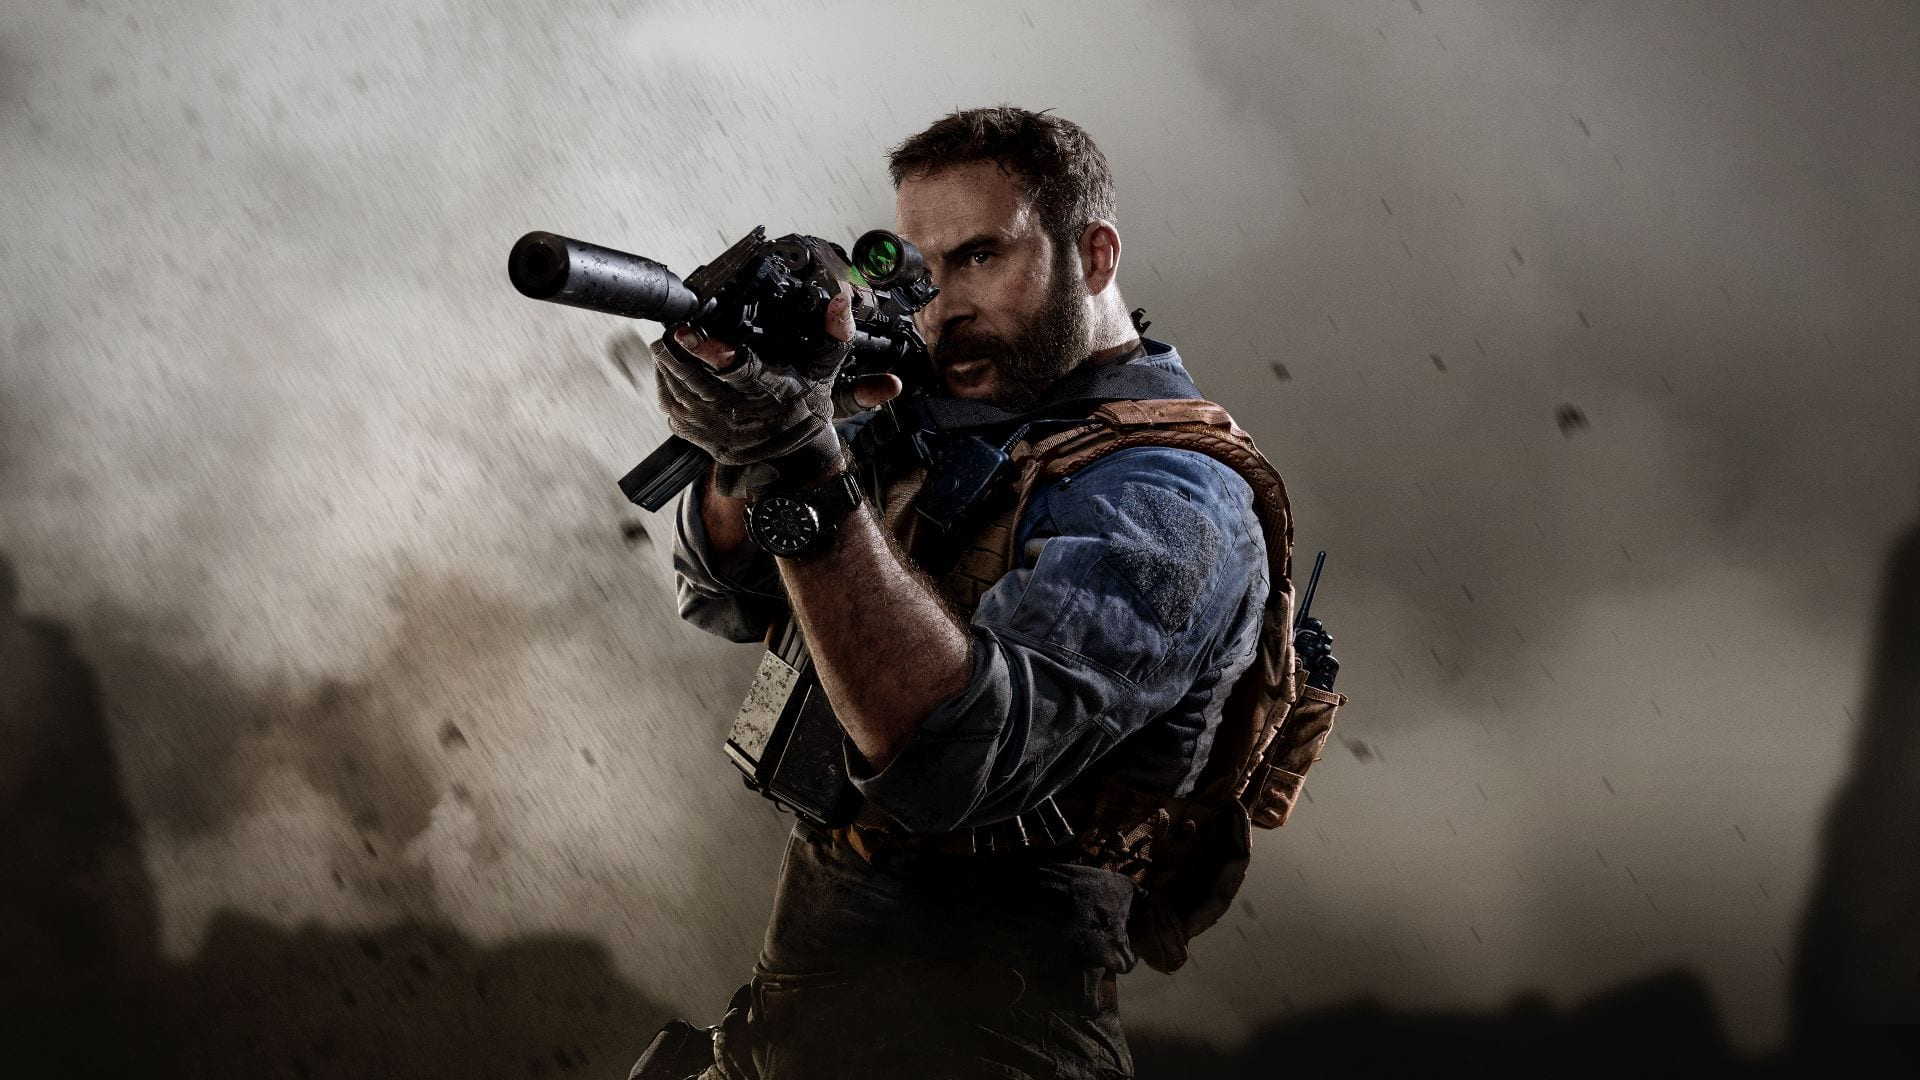 modern warfare gun game